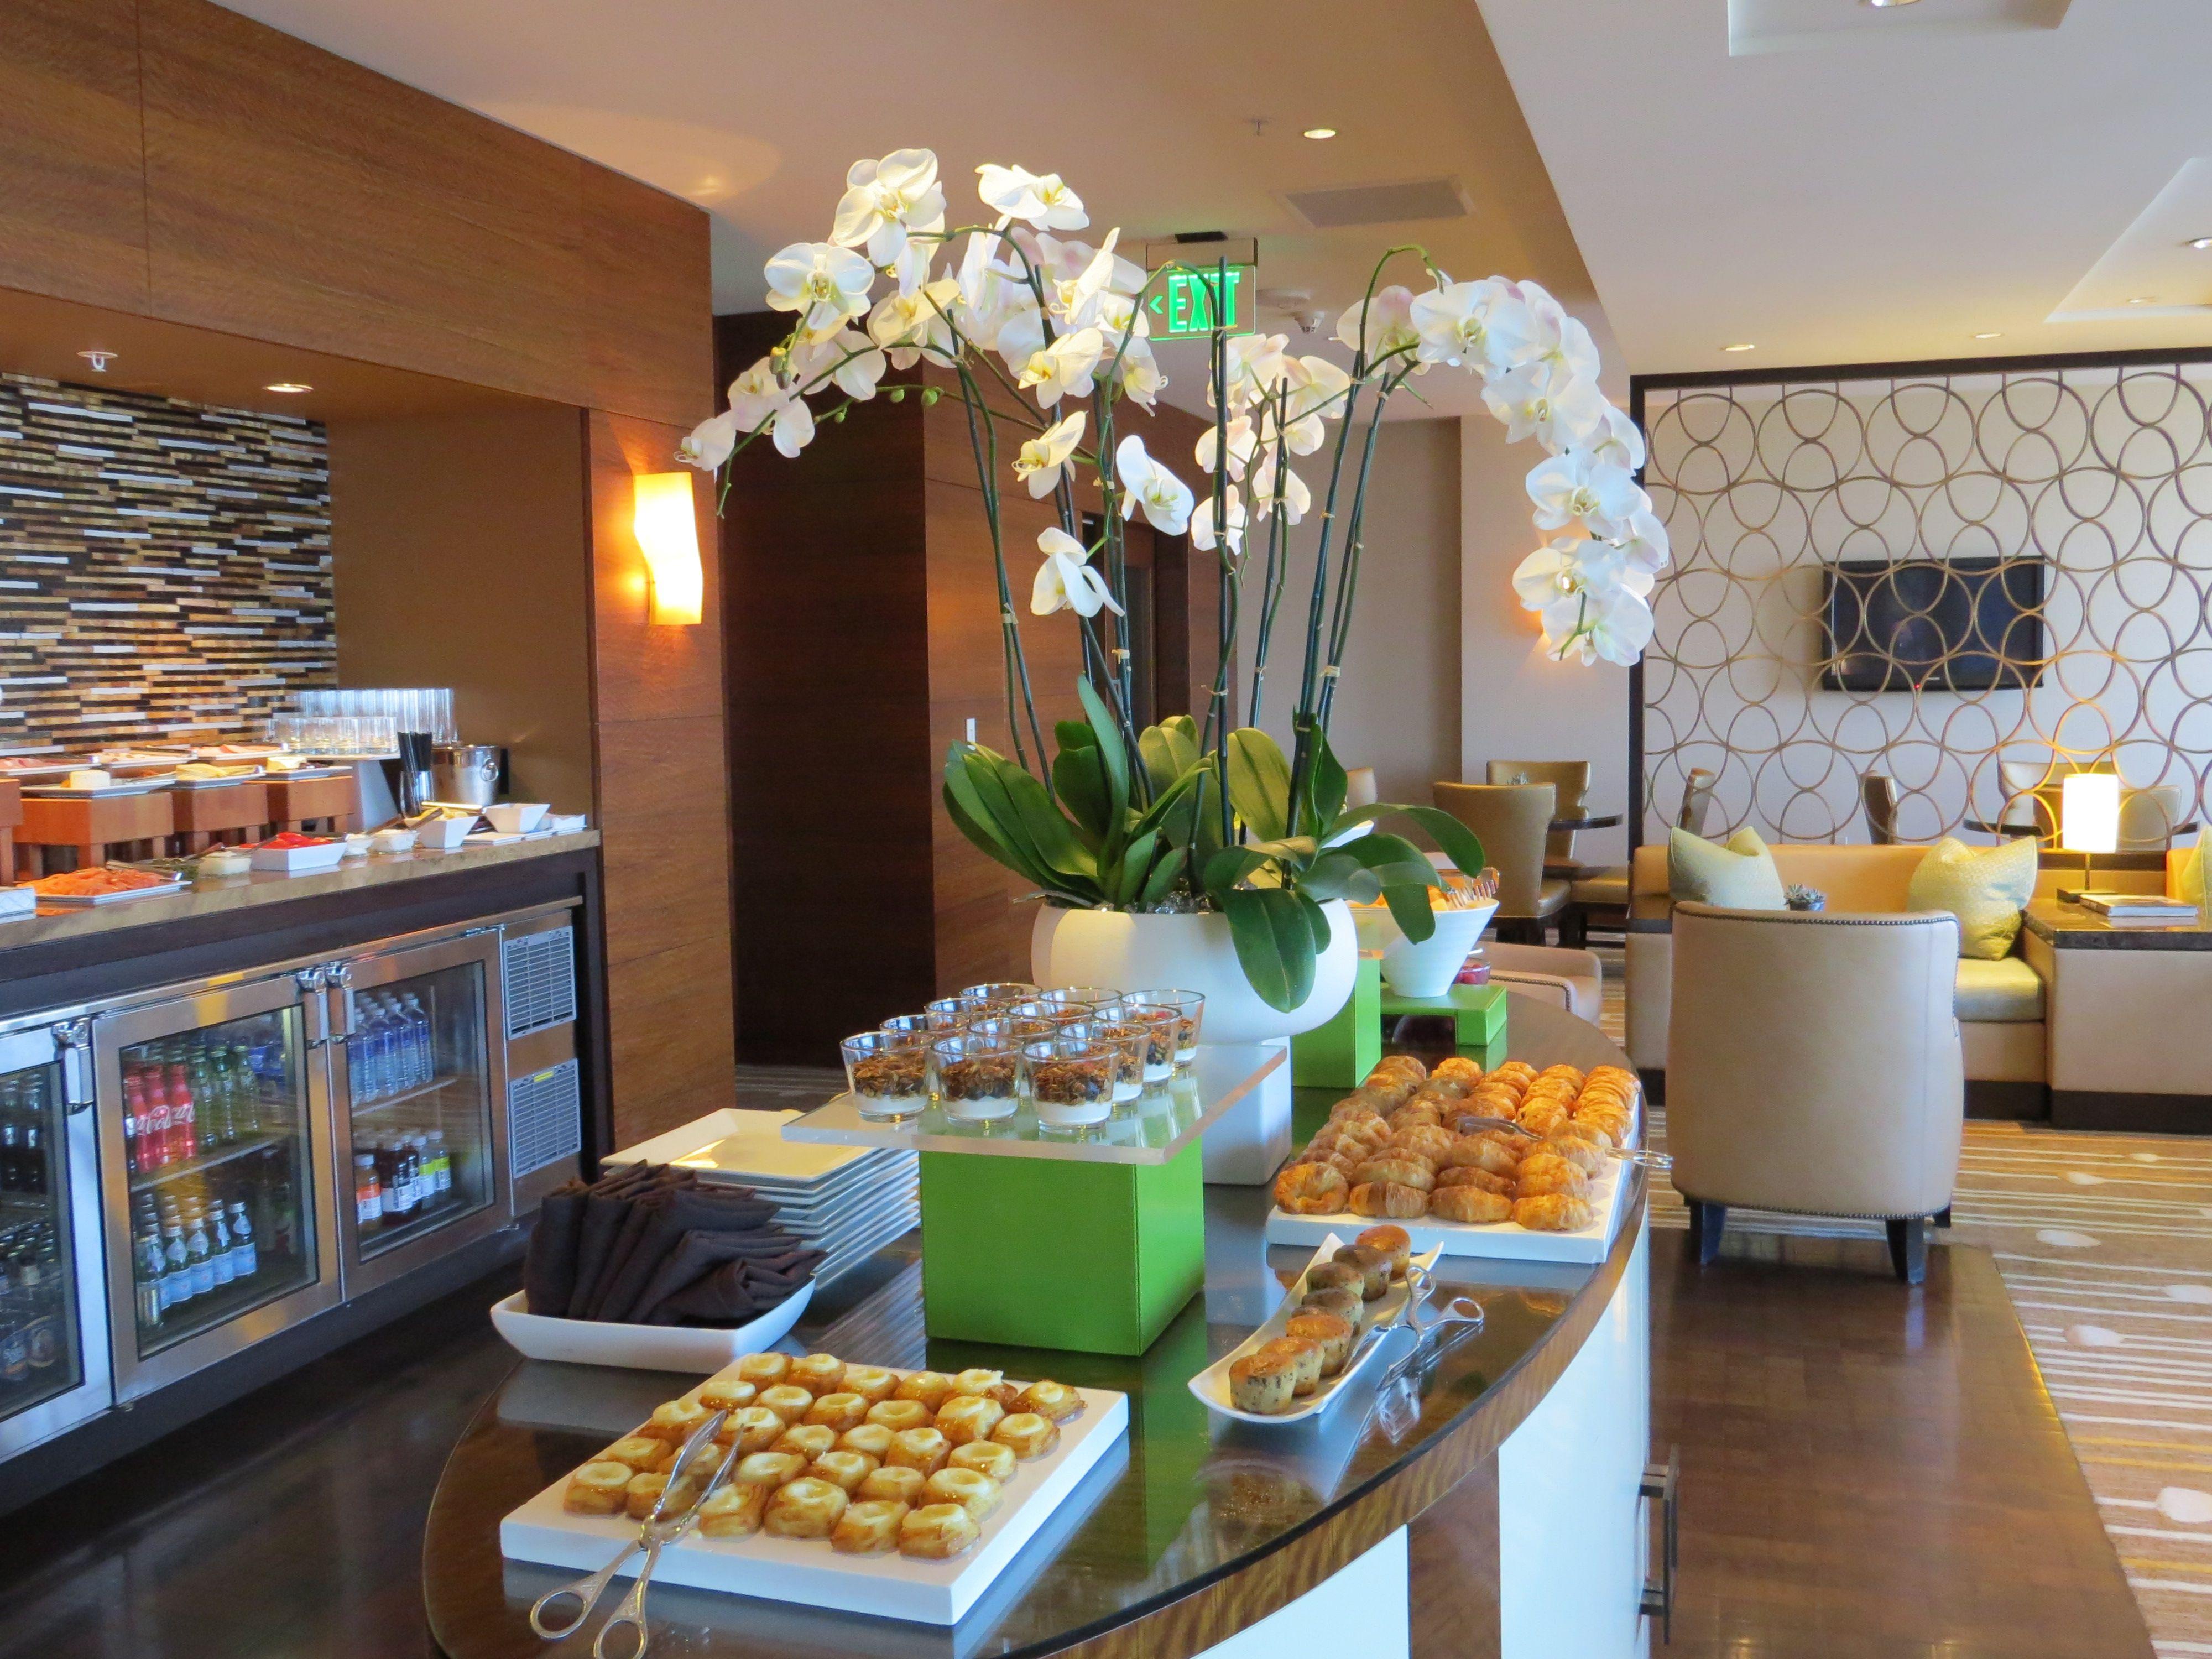 The Ritz-Carlton, Los Angeles | LA - DTLA - Ritz Carlton LA Live ...